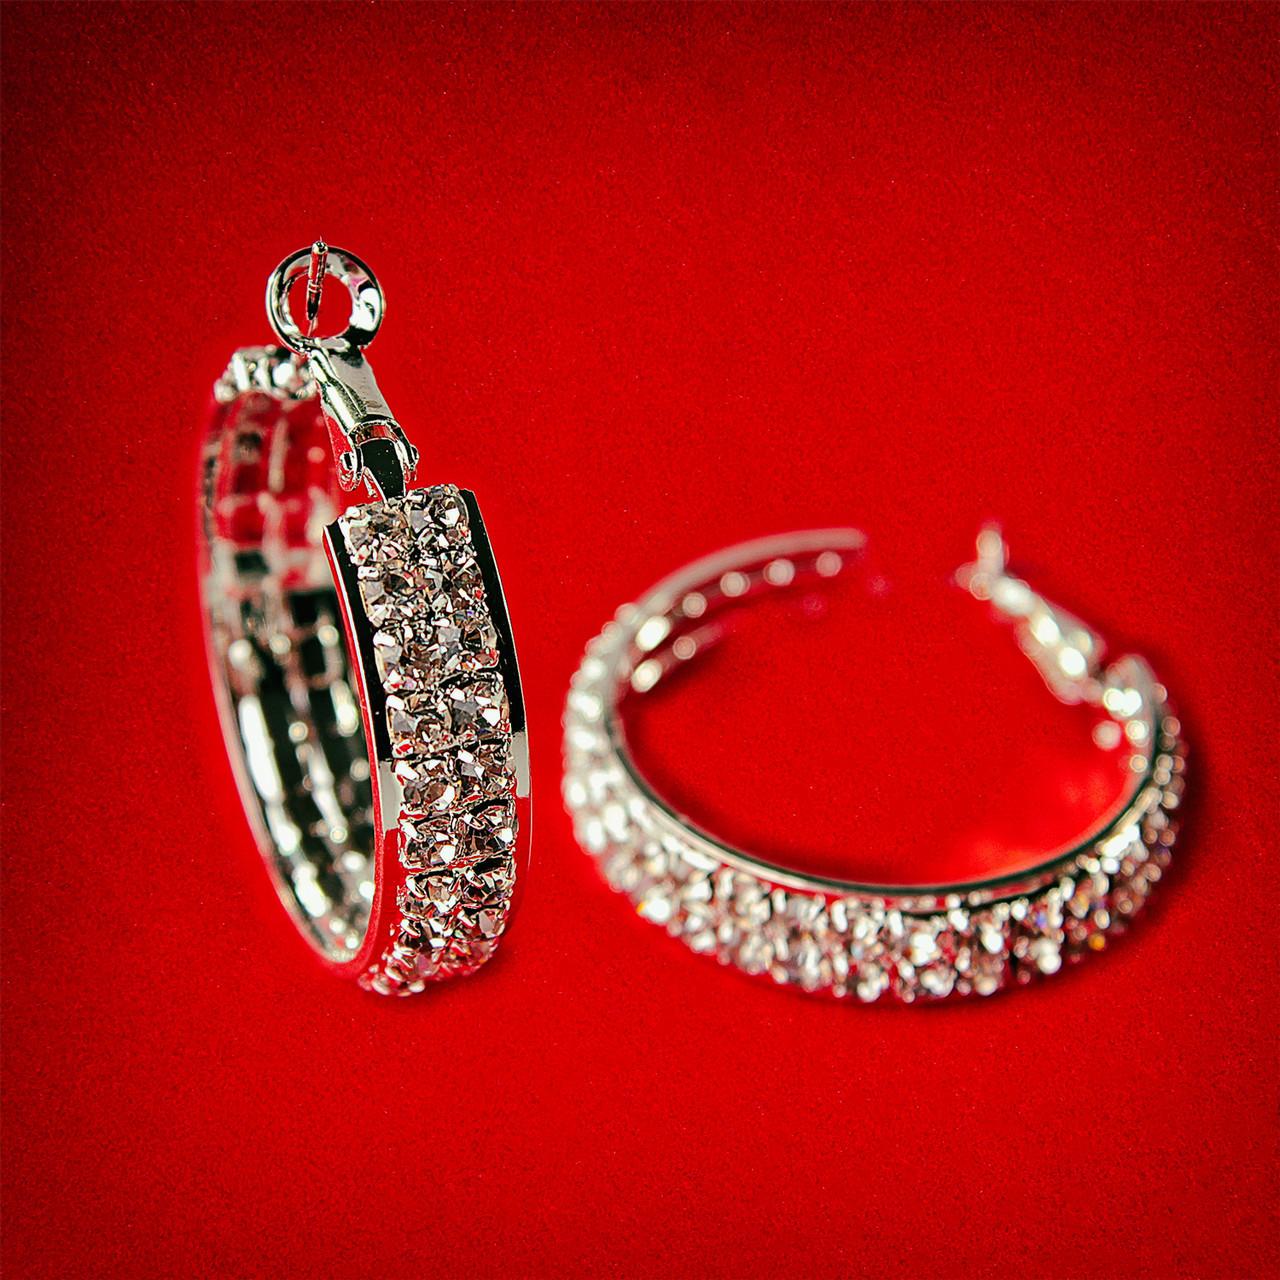 [30 мм] Серьги-кольца итальянский замок с белыми стразами маленького размера светлый металл 2 ряда металлическая окантовка -  интернет-магазин «VAVILON».  в Одессе